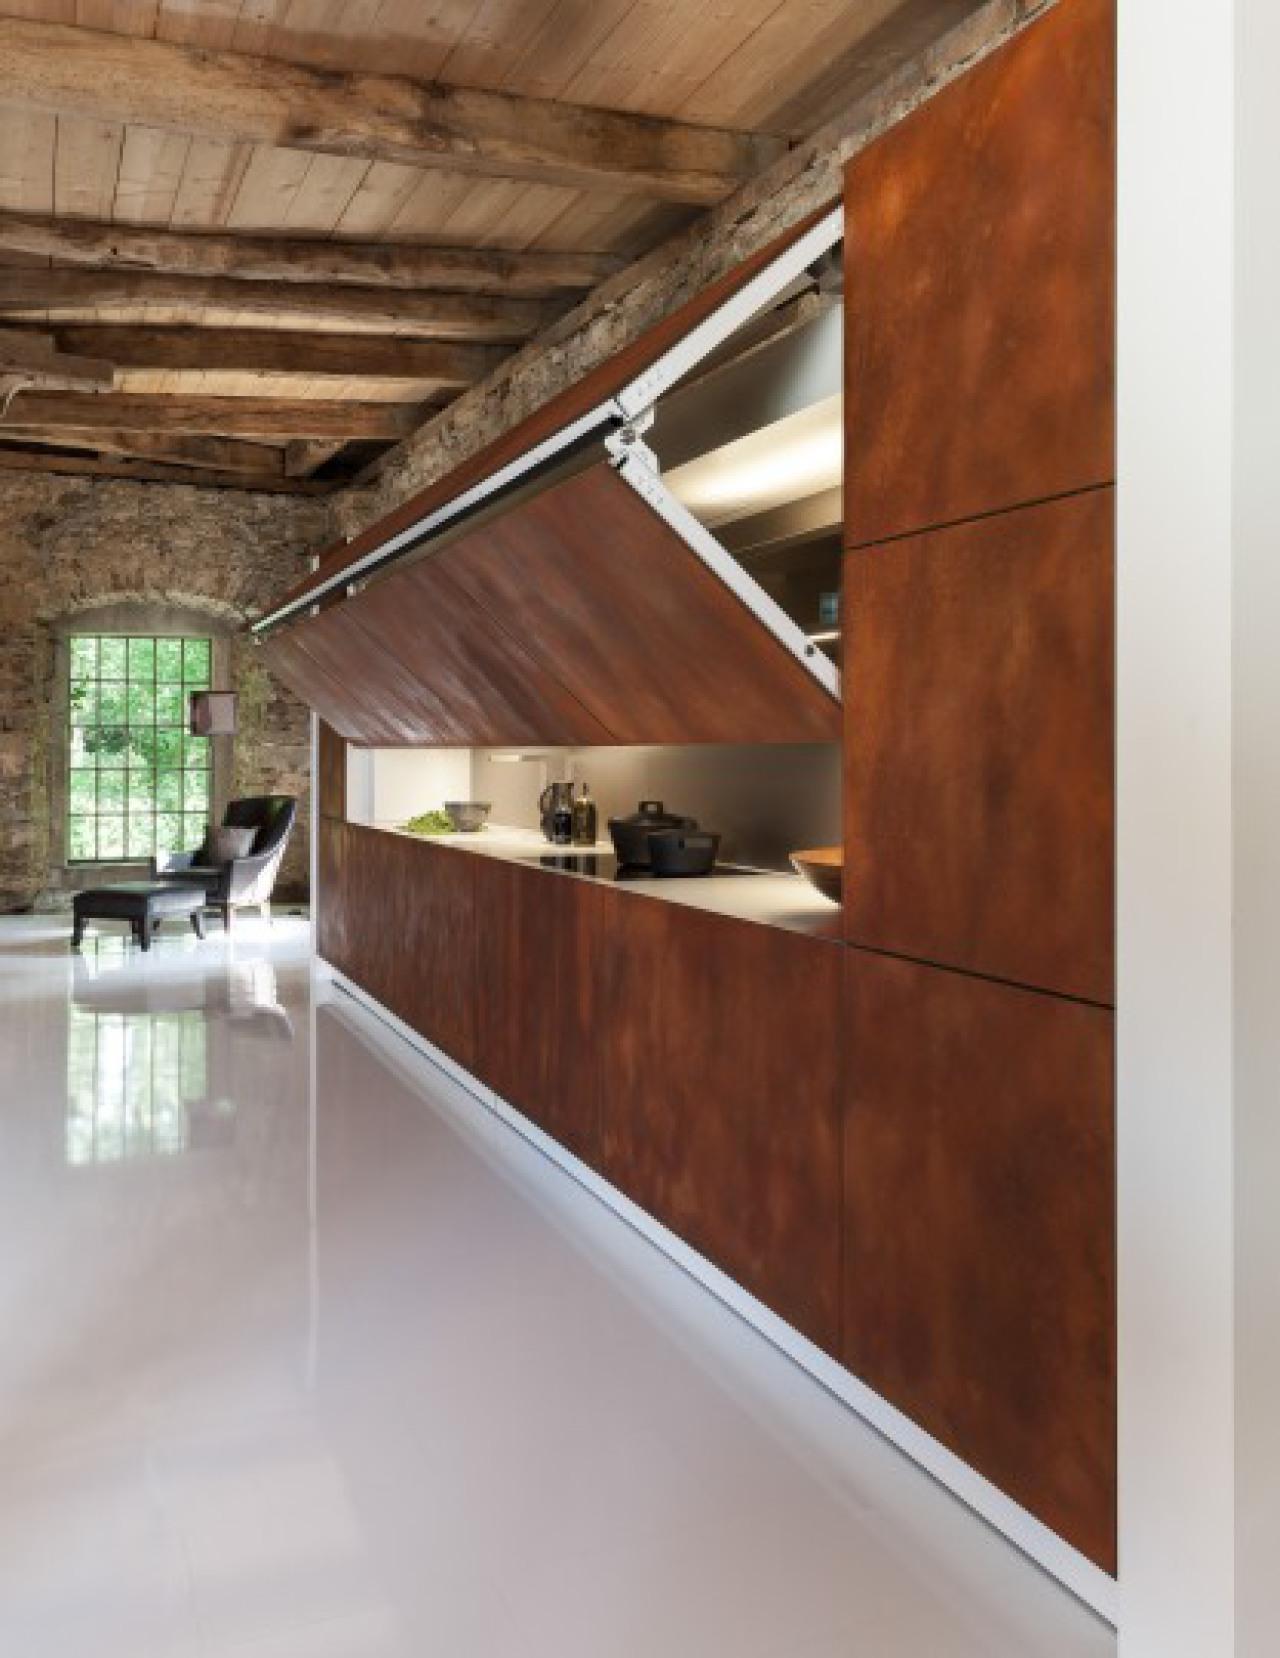 Küchen: Rostig oder schwebend - Haus-haushalt - Landleben ...